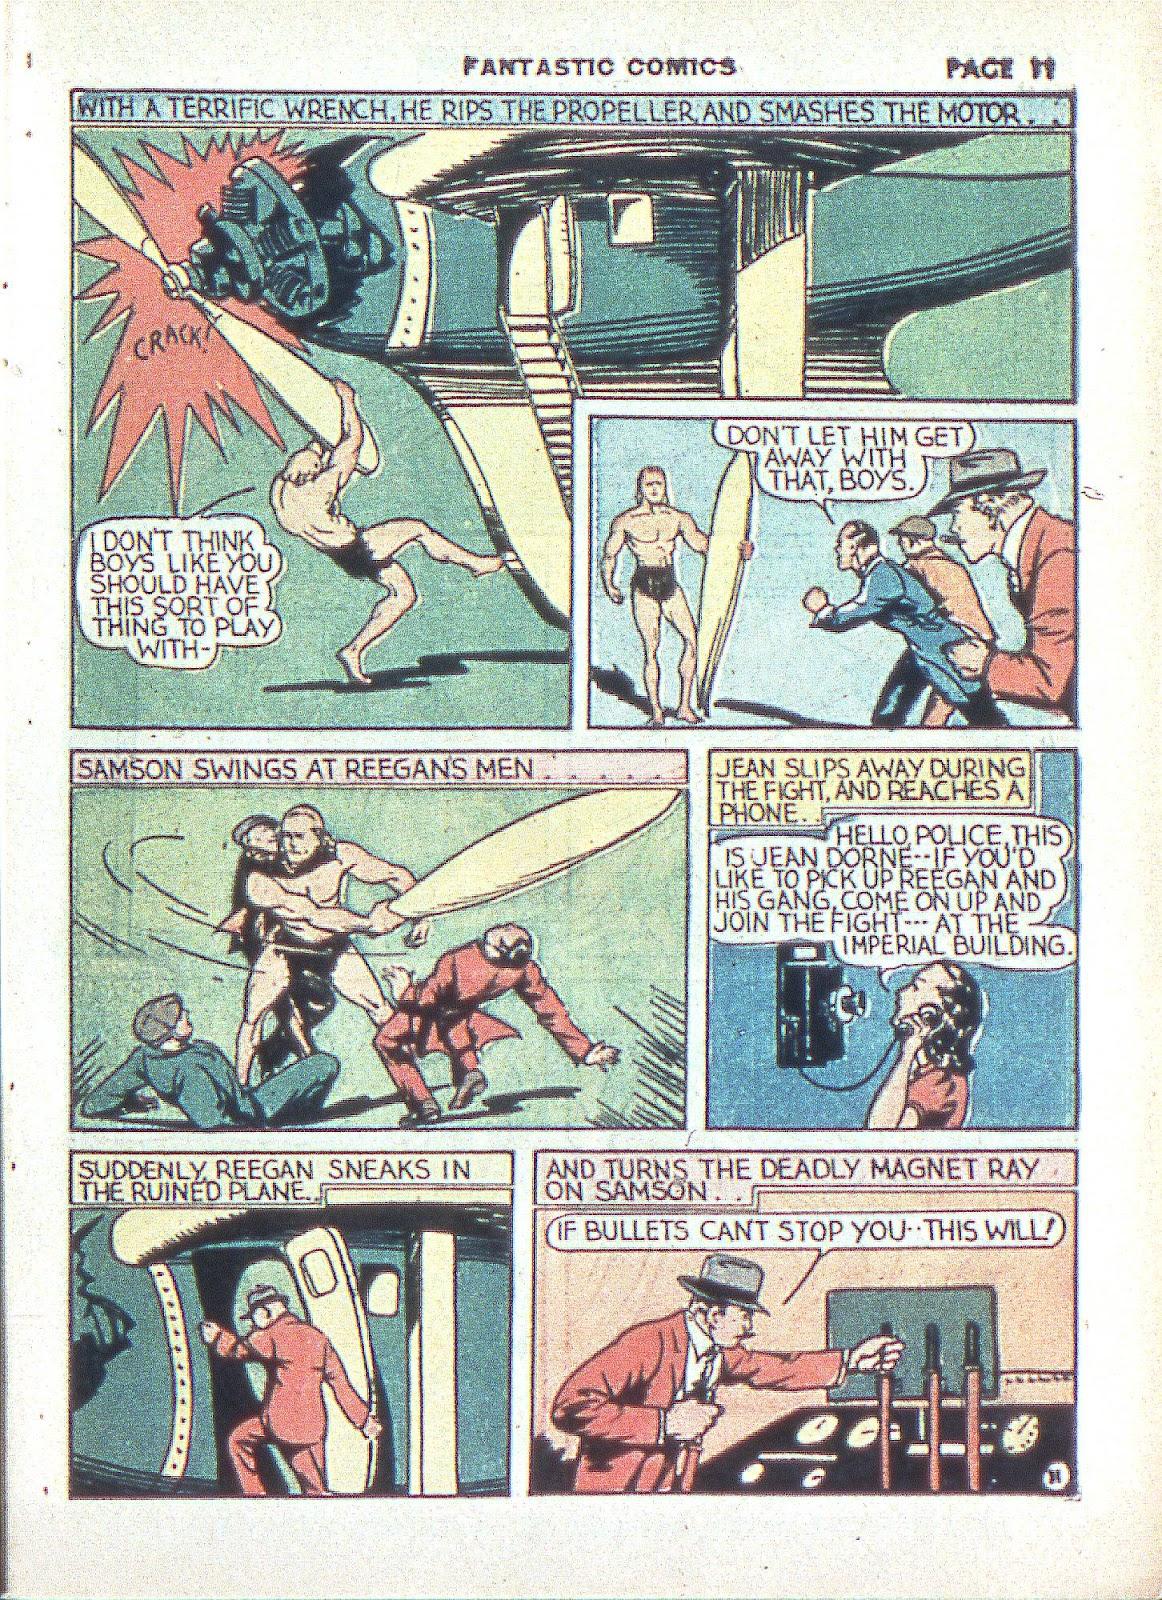 Read online Fantastic Comics comic -  Issue #3 - 14